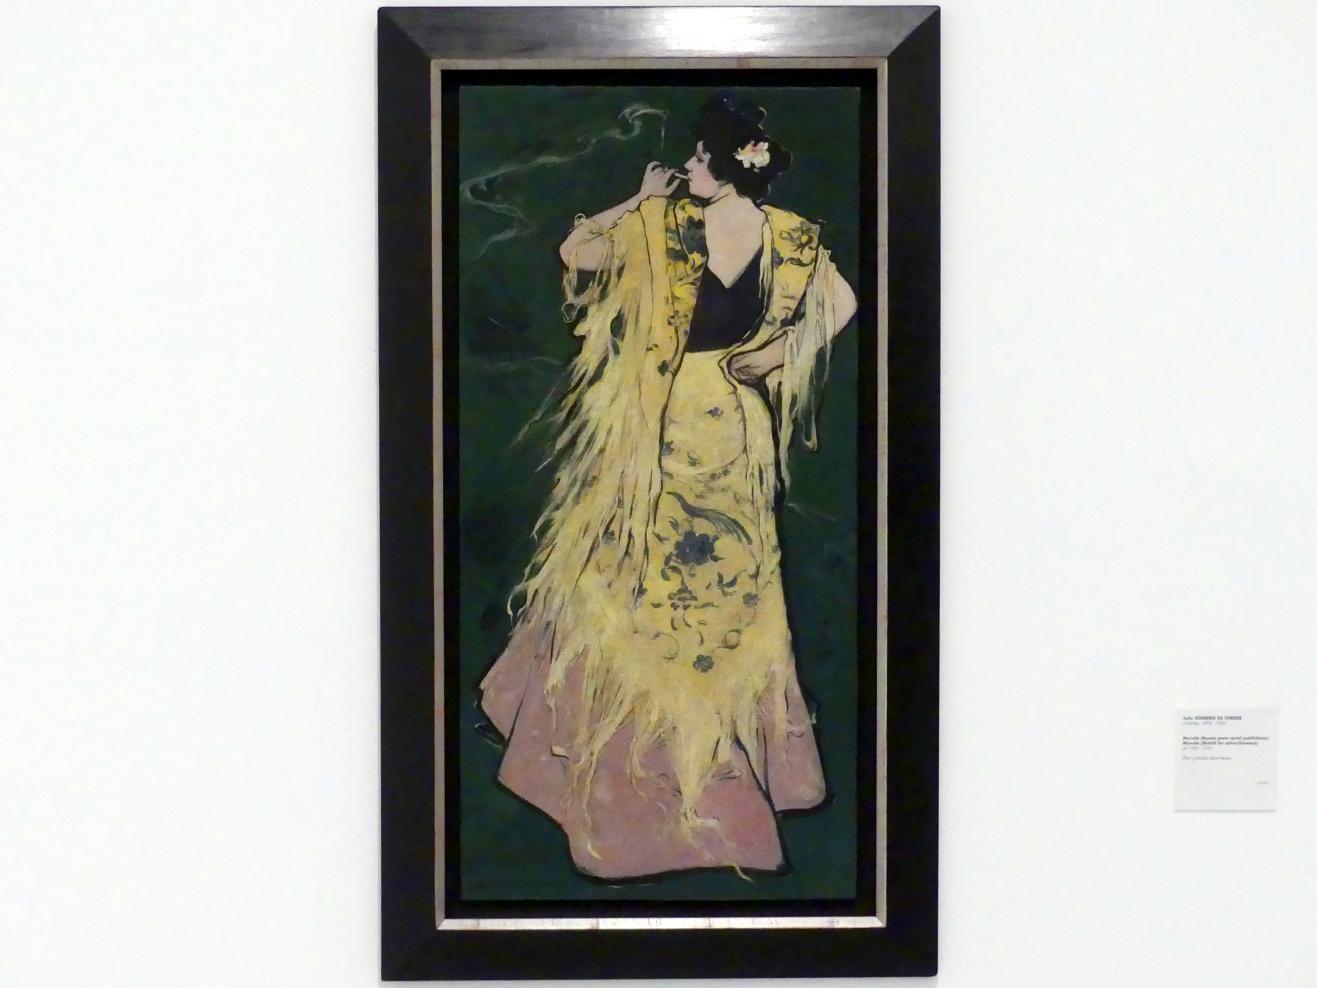 Julio Romero de Torres: Manola (Entwurf für ein Werbeplakat), um 1900 - 1910